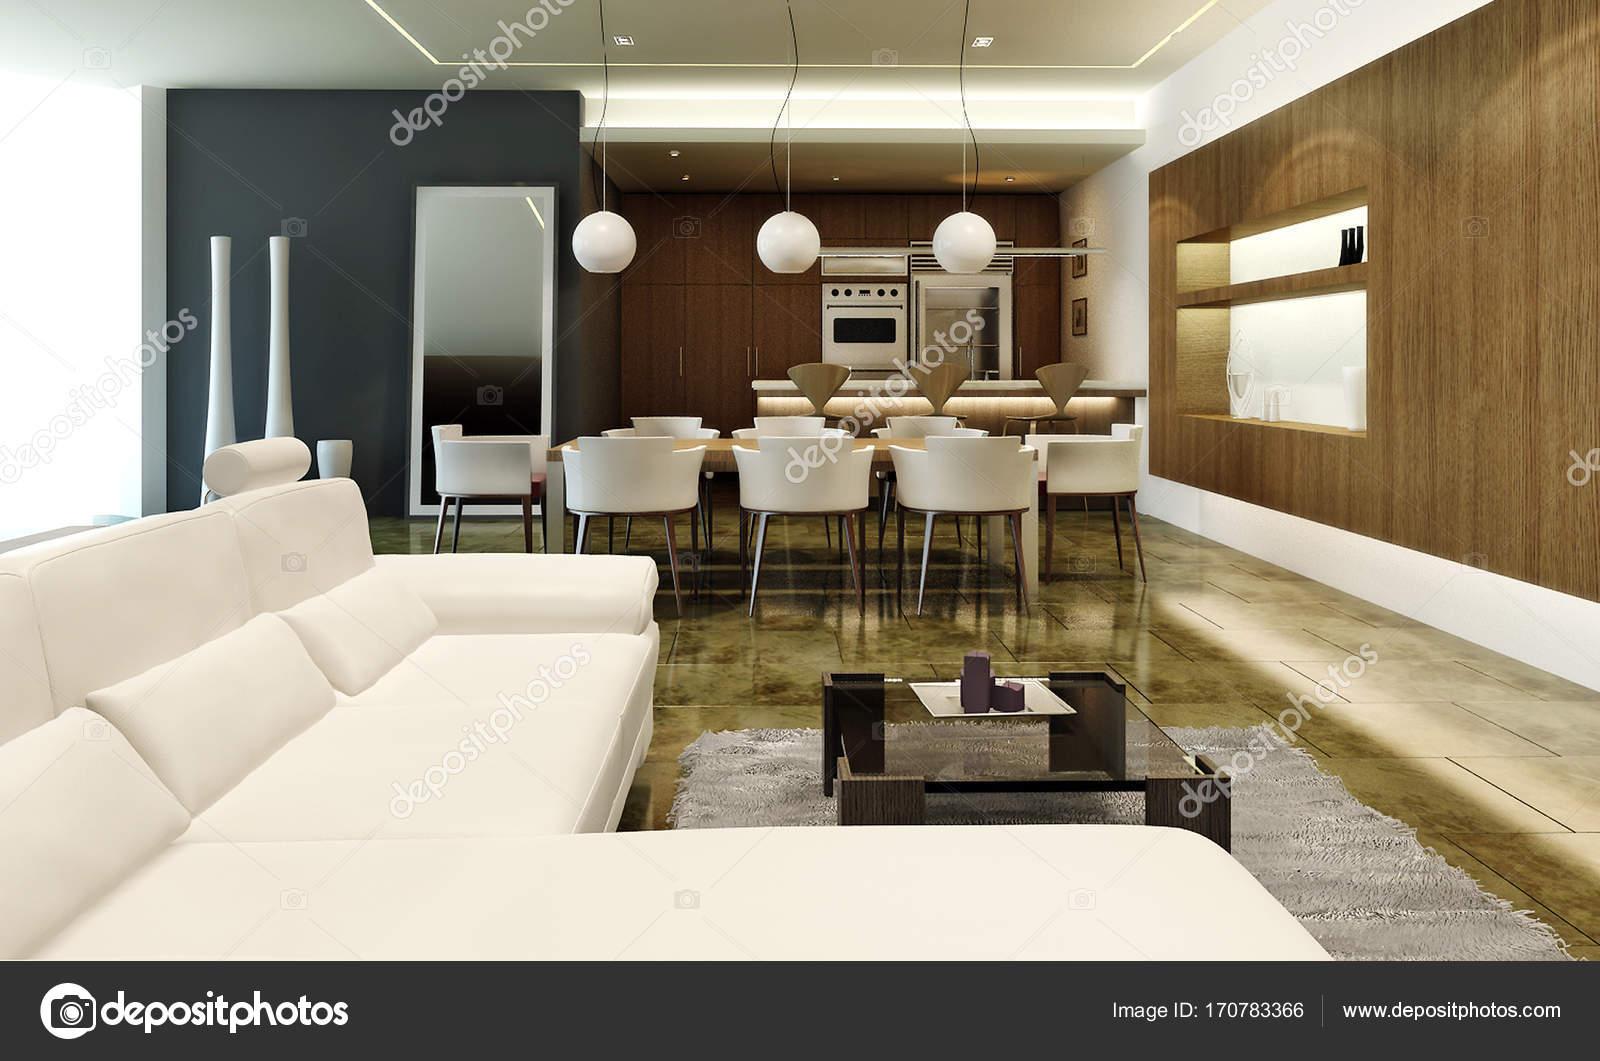 Dise o de interiores de l de la moderna zona lounge y for Diseno de interiores sala de estar comedor